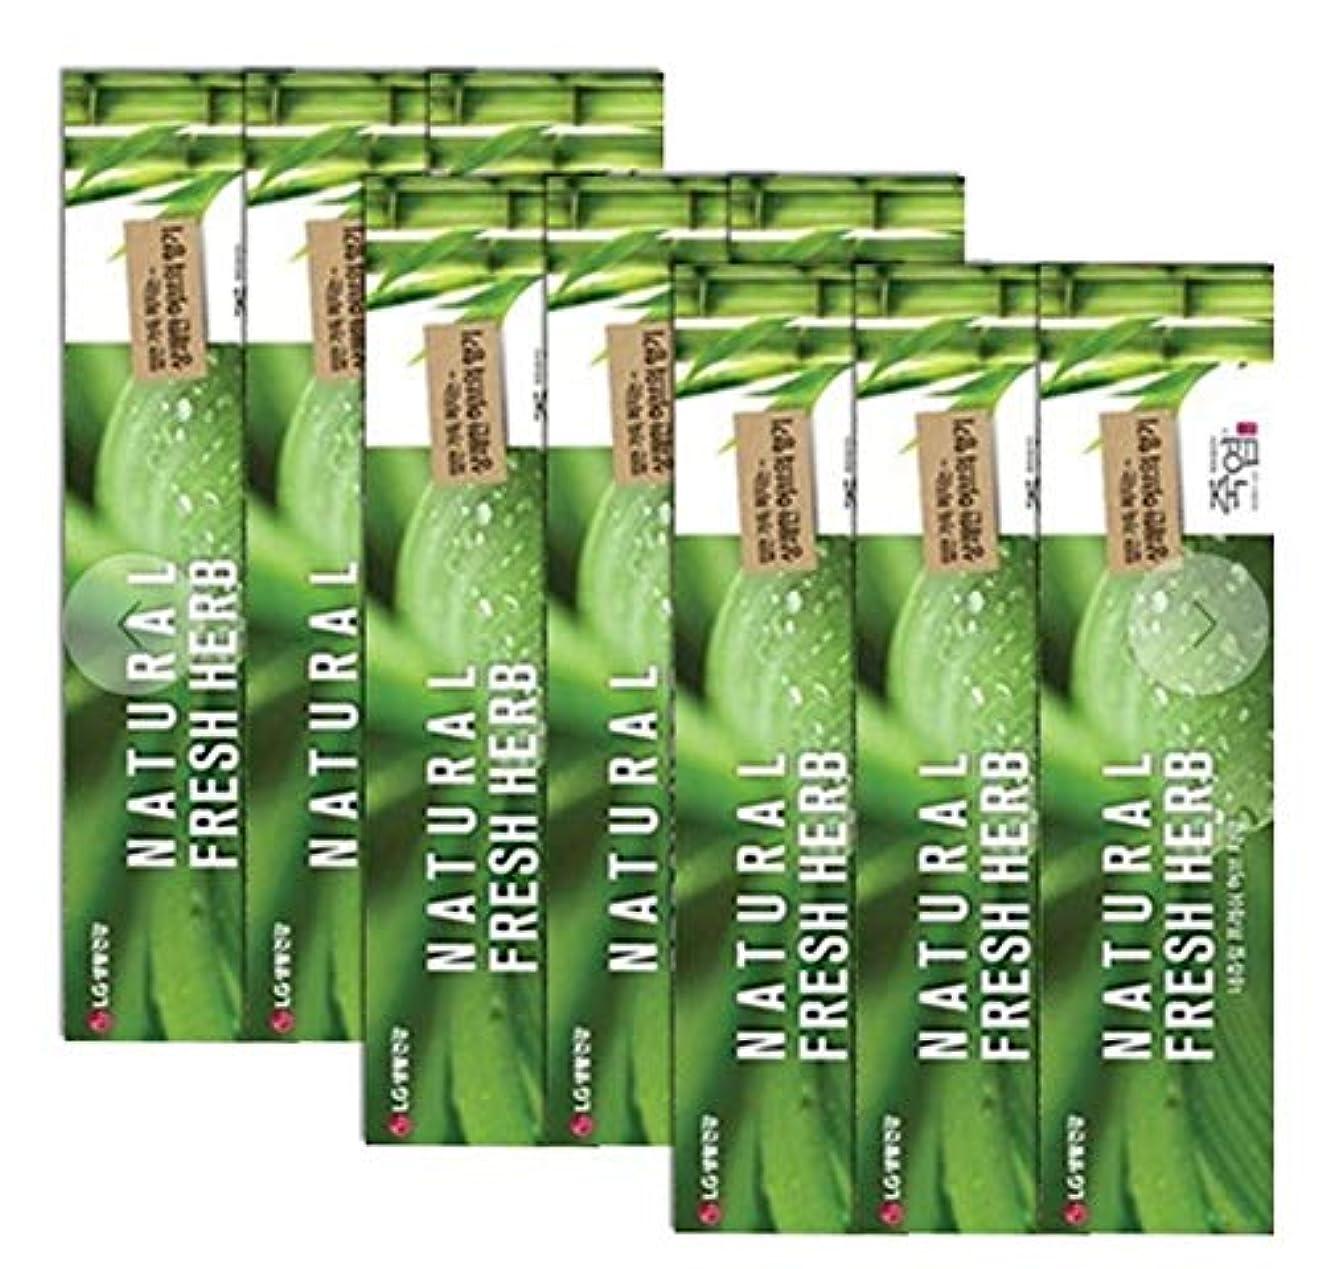 超音速エンコミウム動かない[LG生活と健康] LG竹塩Natural Freshナチュラルフレッシュハブ歯磨き粉160g*9つの(海外直送品)